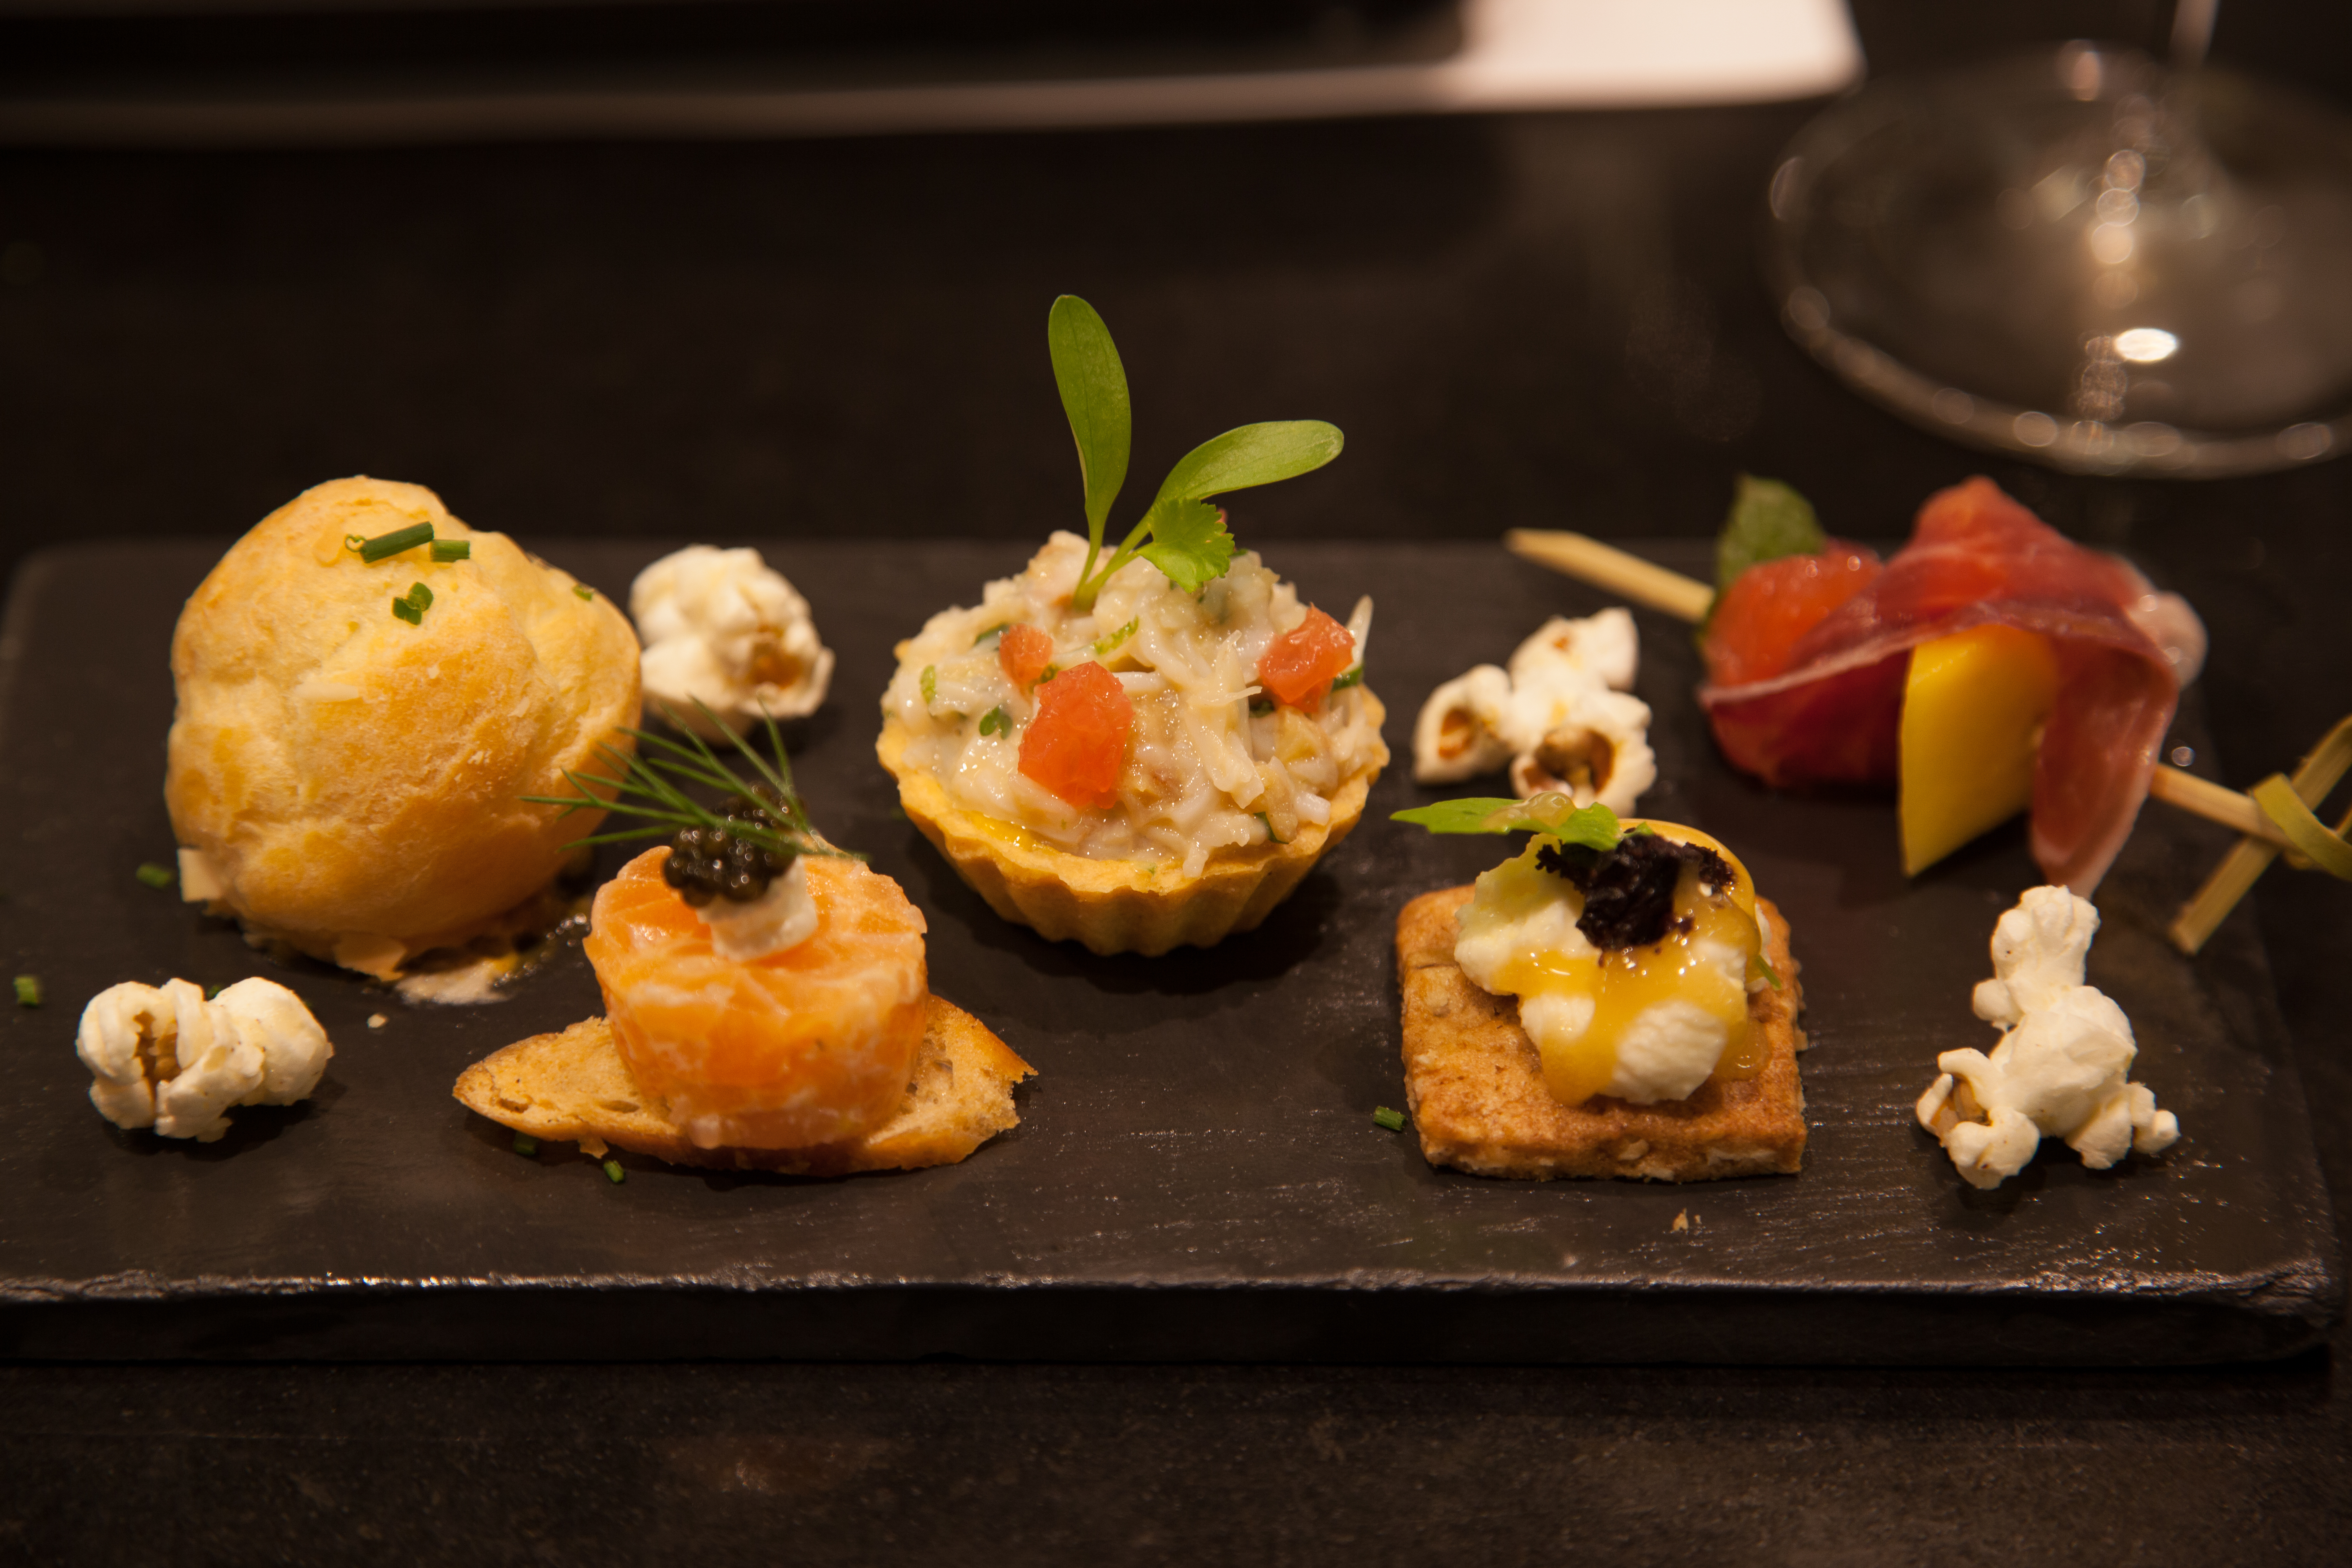 Belmond Le Manoir aux Quat'Saisons Raymond Blanc Cookery School